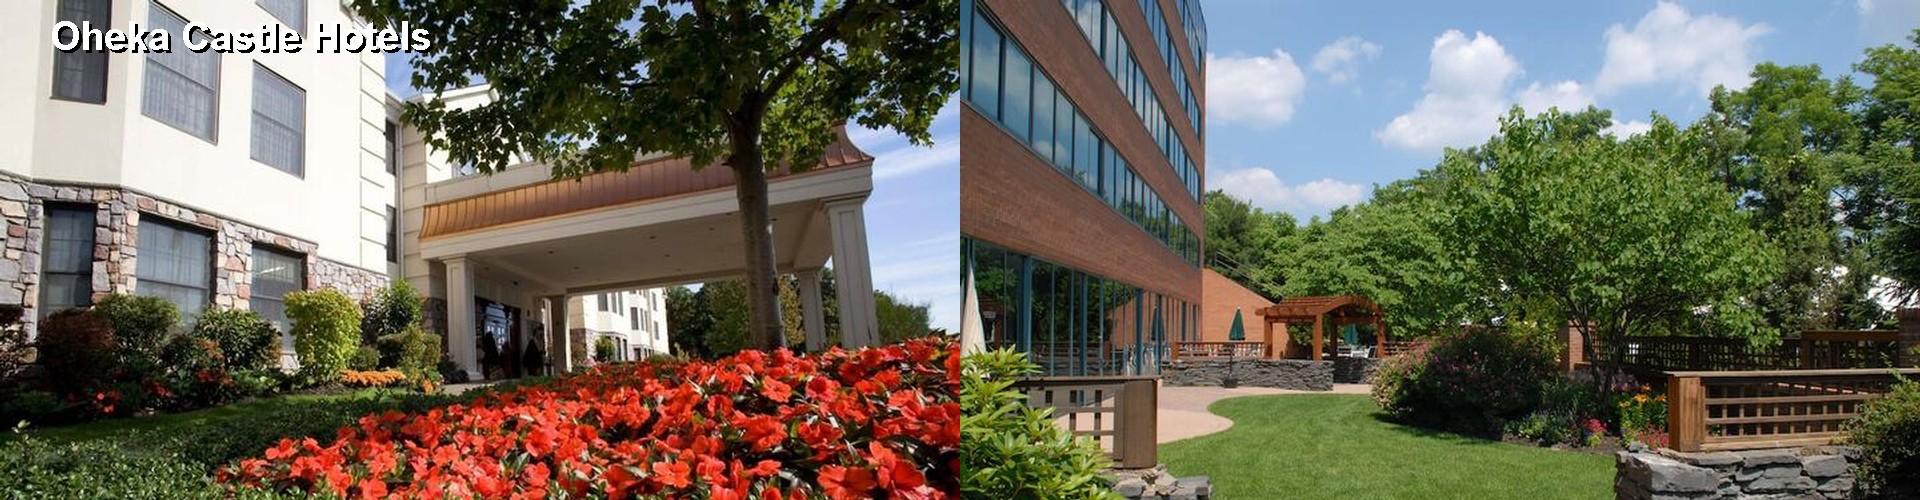 62 Hotels Near Oheka Castle In Huntington Ny